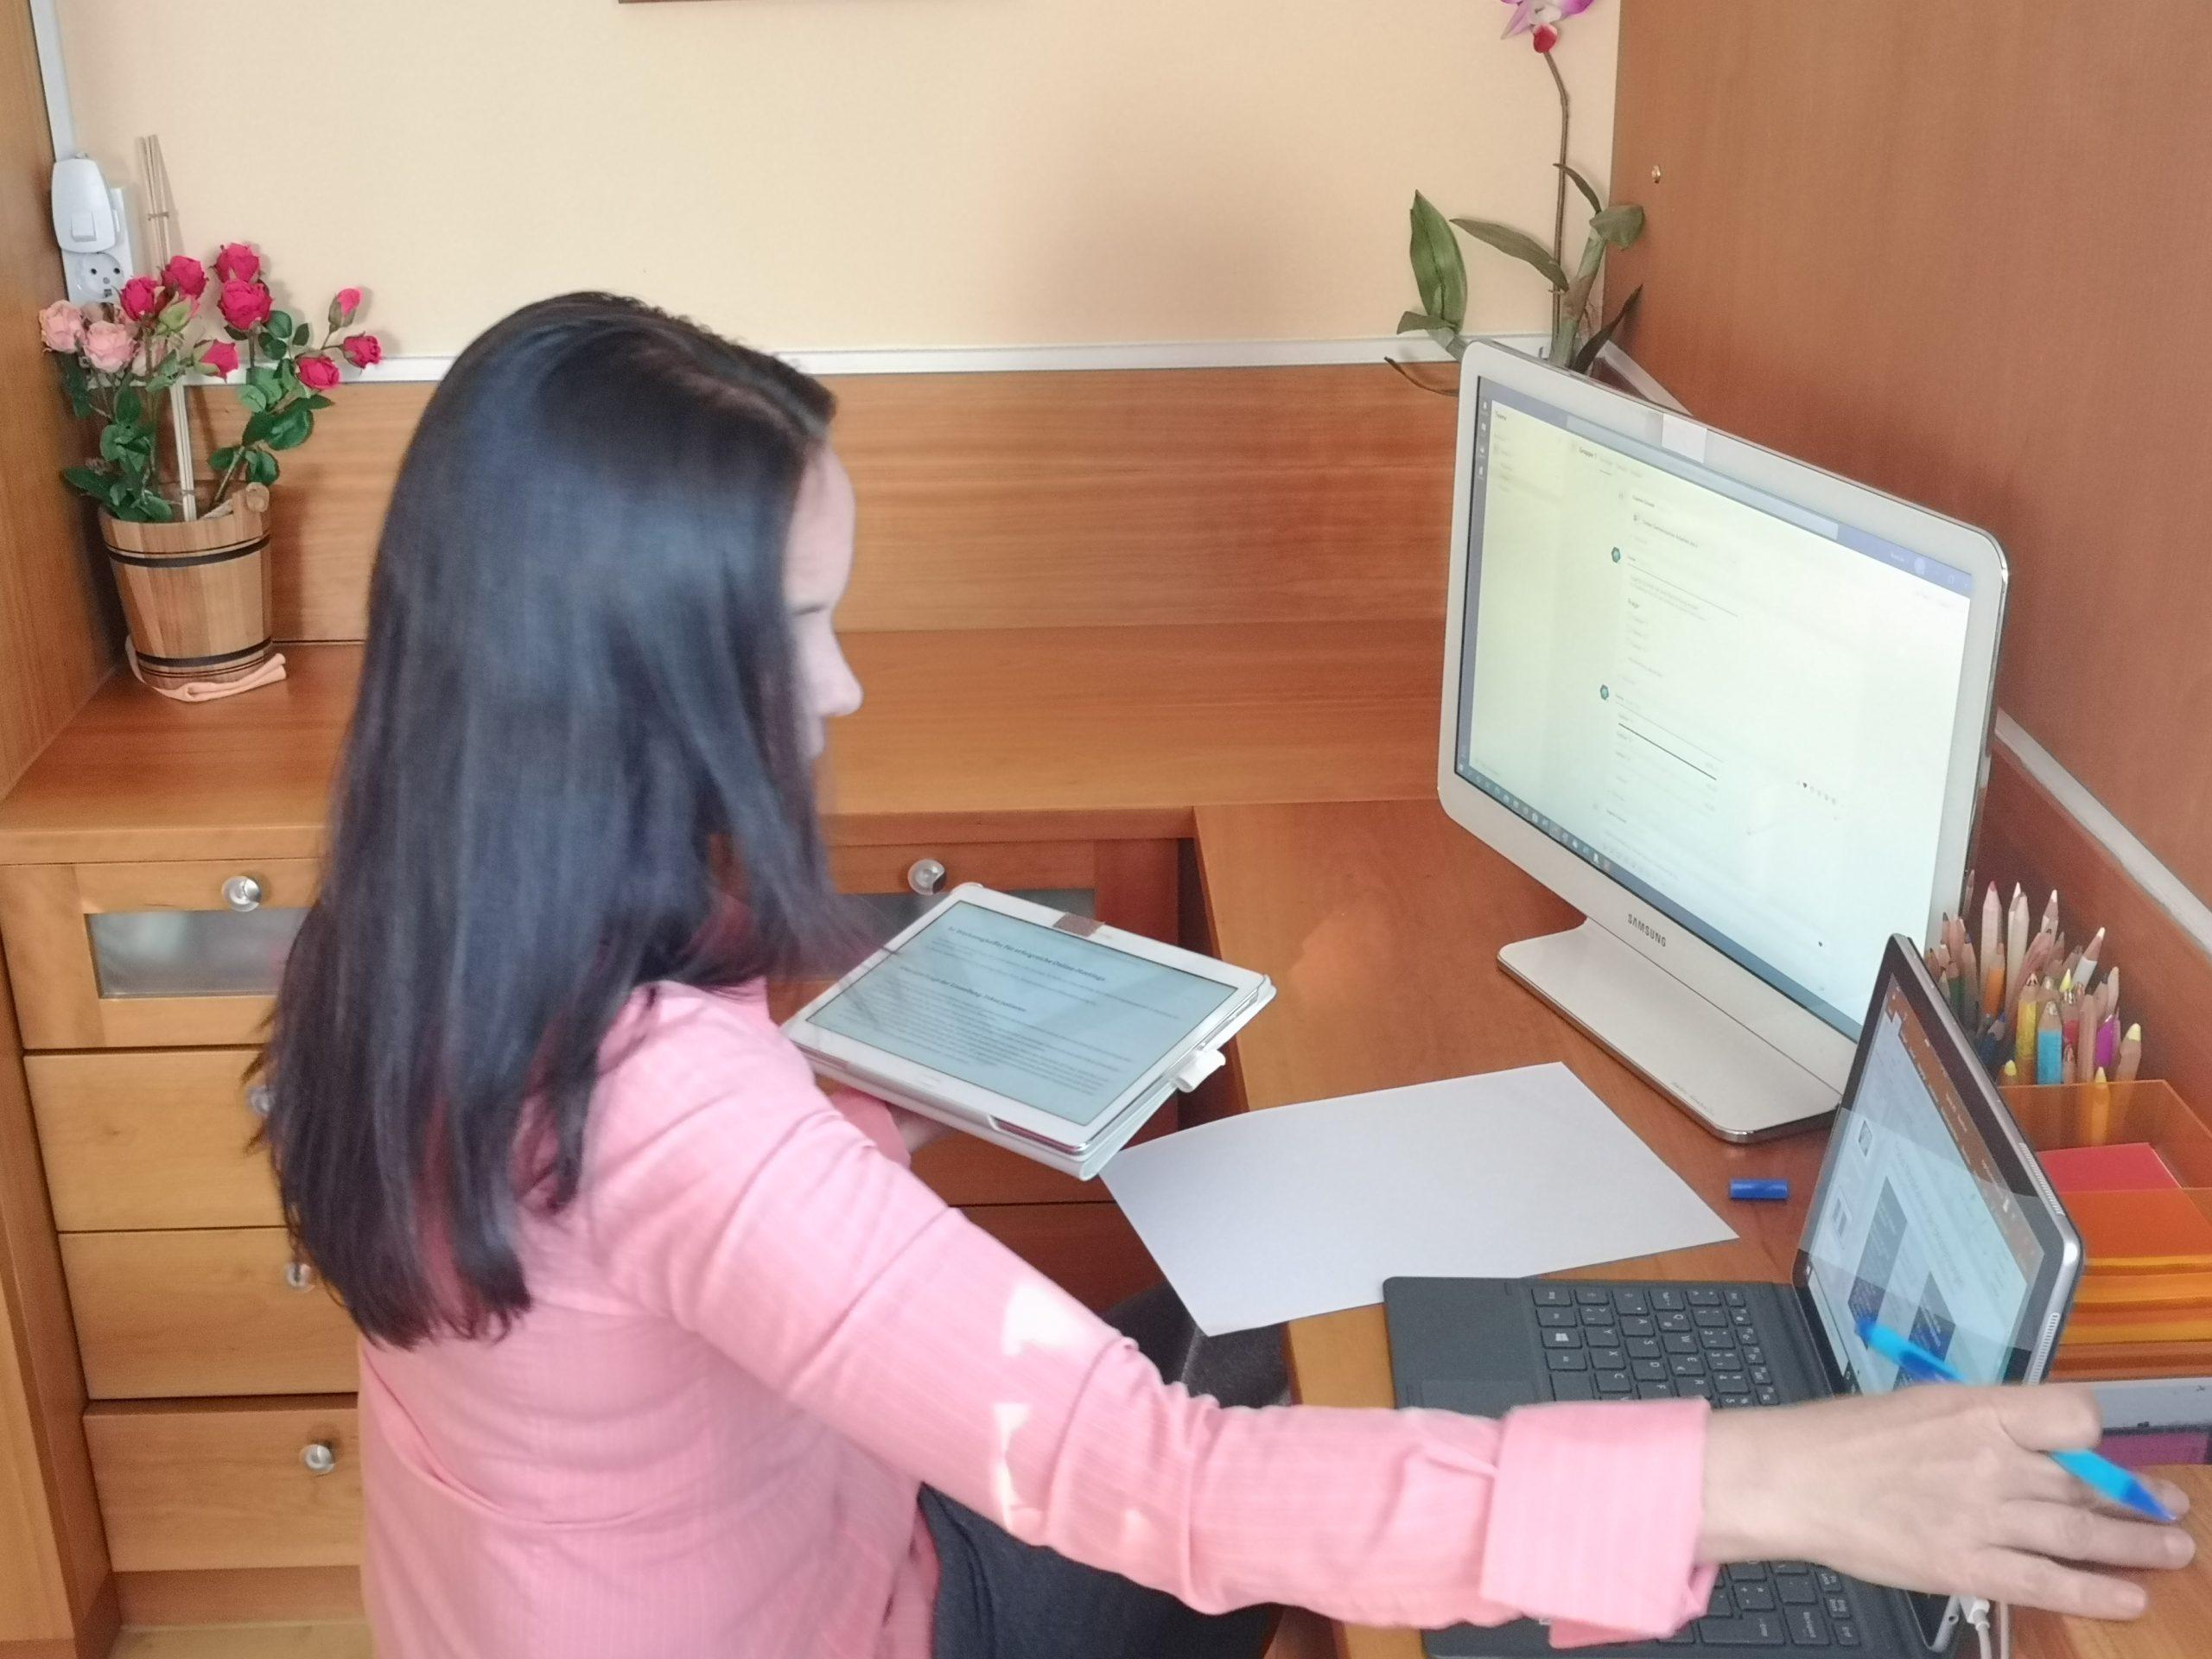 Zusammenarbeit in virtuellen Meetings